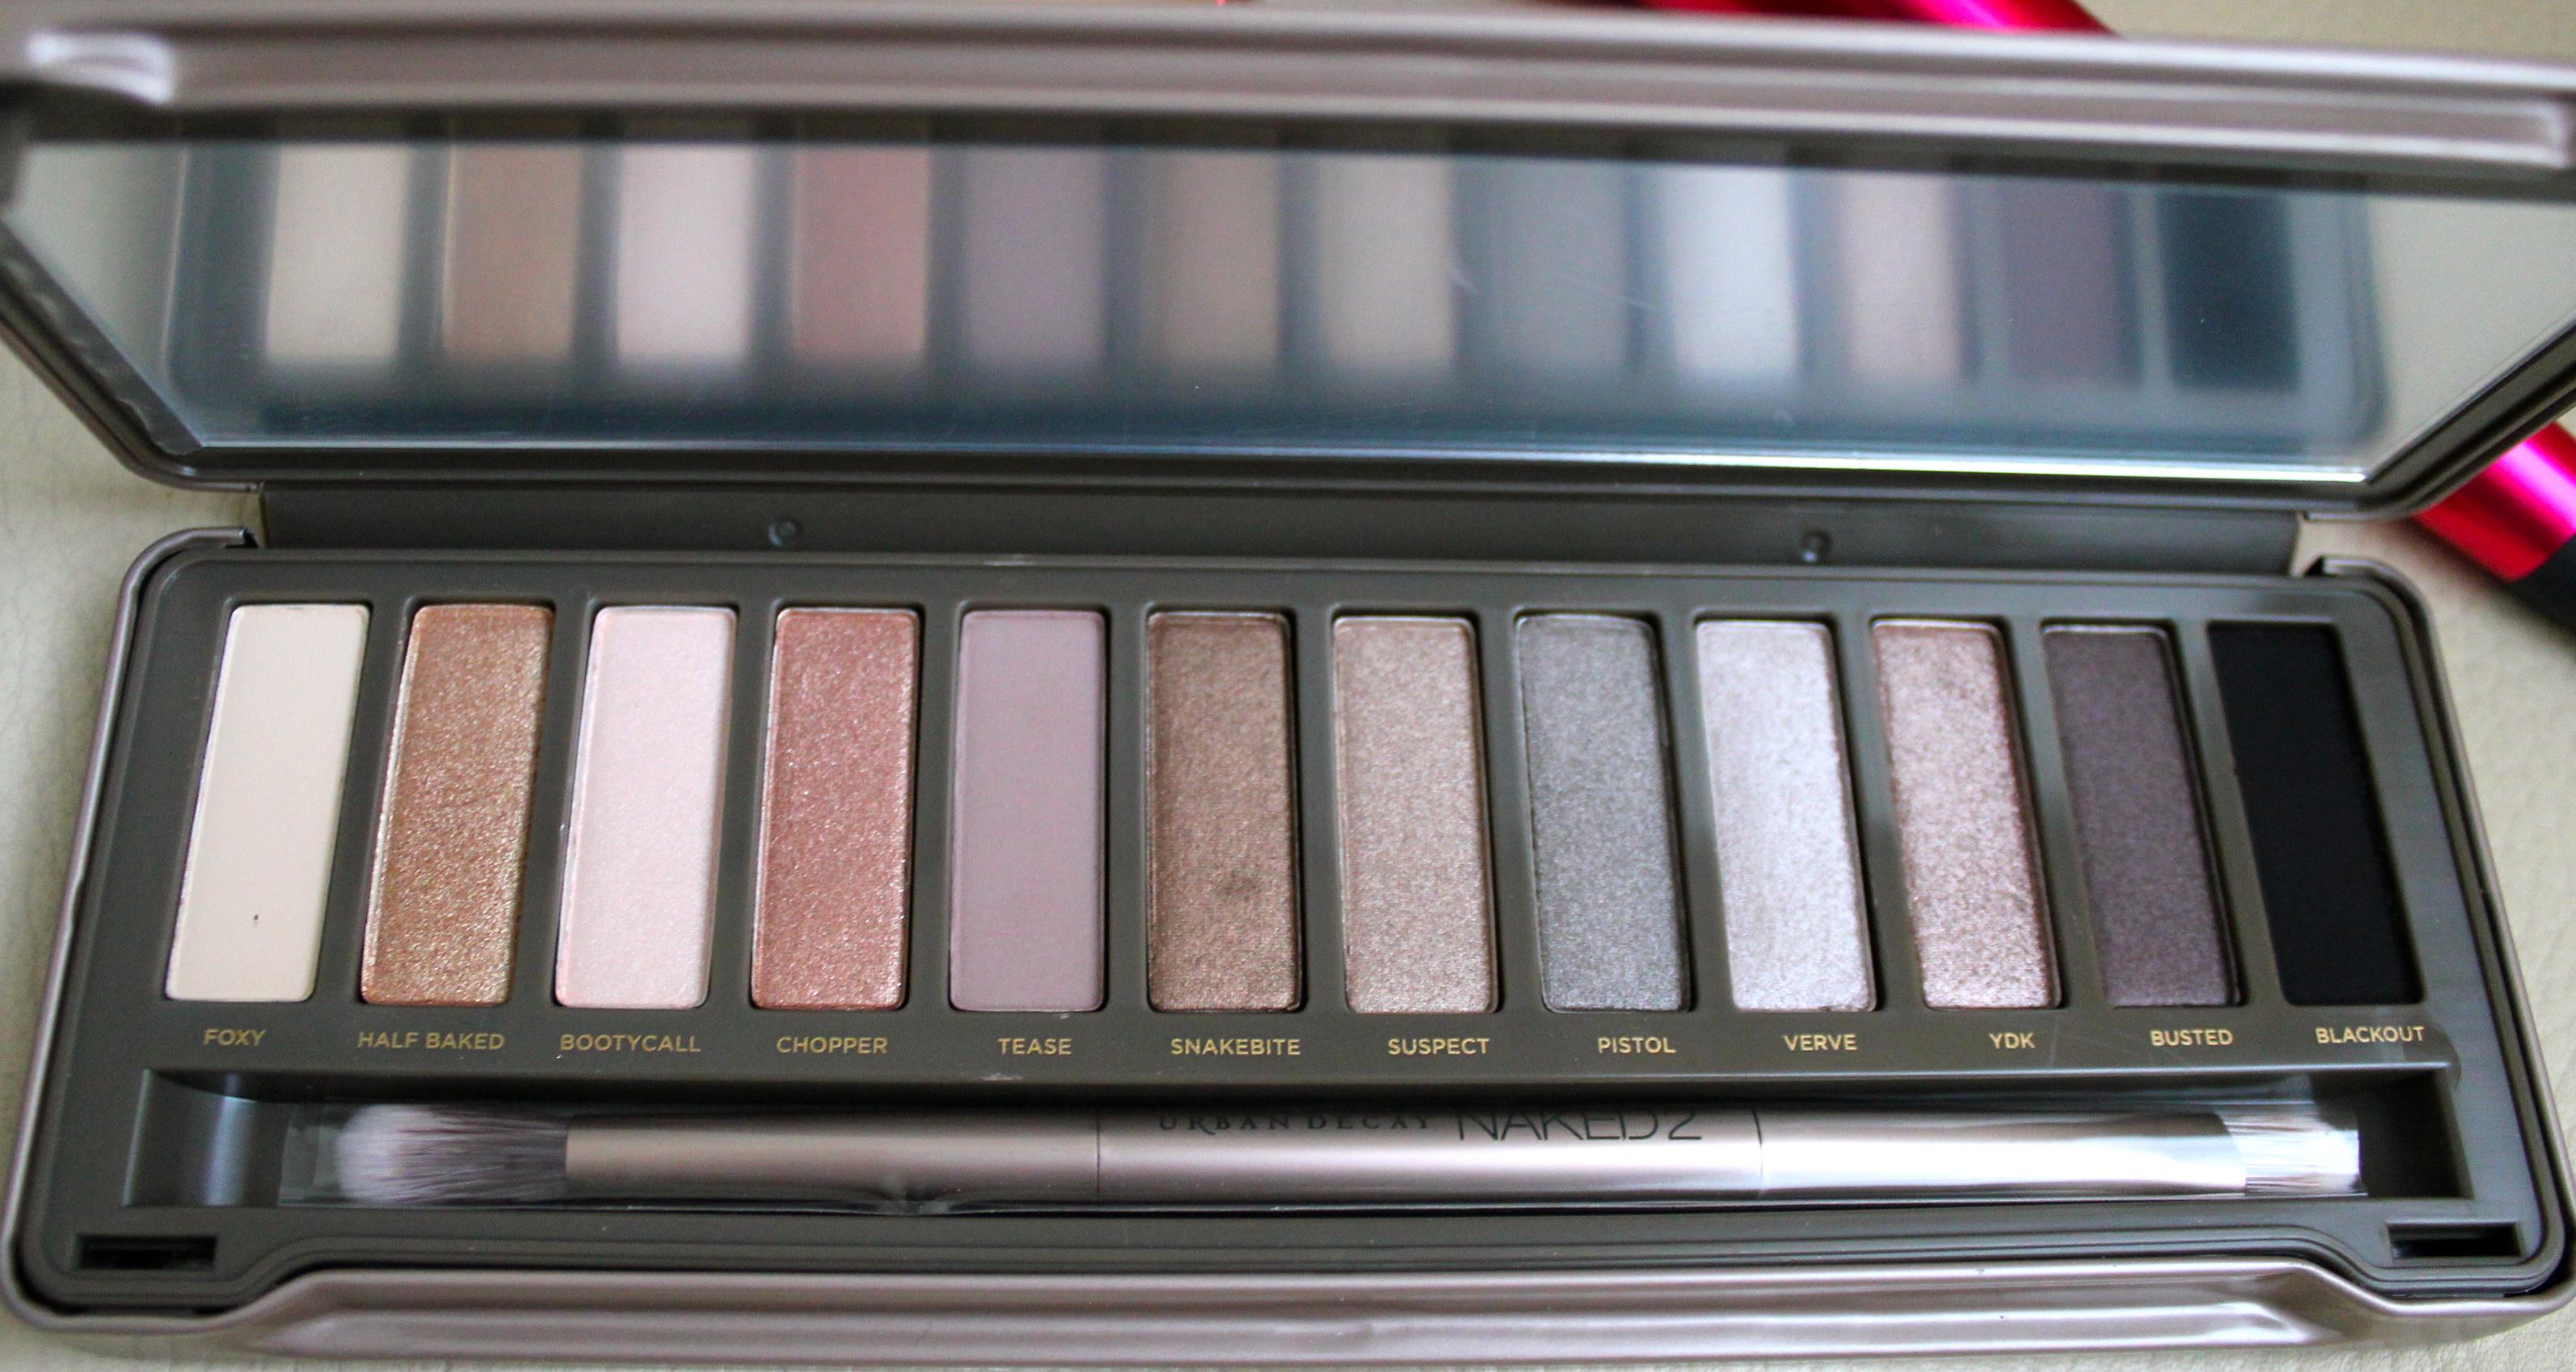 Maquillage avec la palette naked 2 une parenth se mode - Palette maquillage avec pinceaux ...